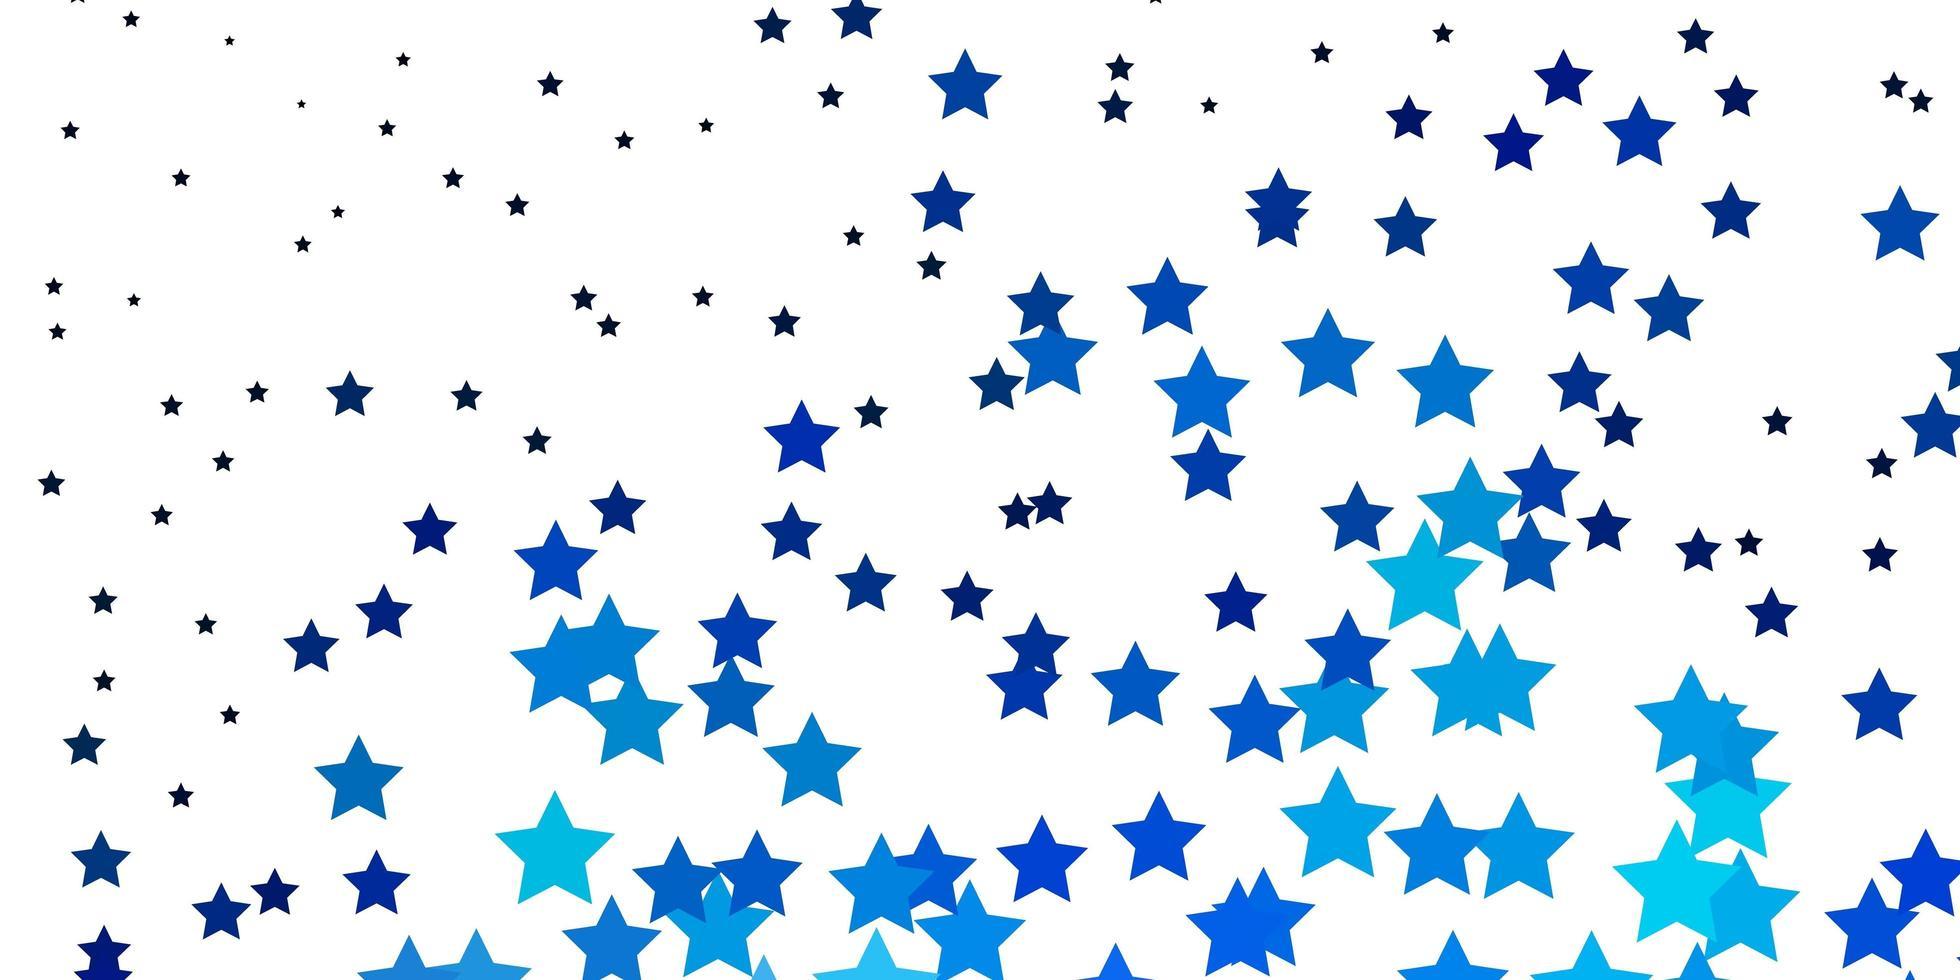 sfondo vettoriale azzurro con stelle piccole e grandi.